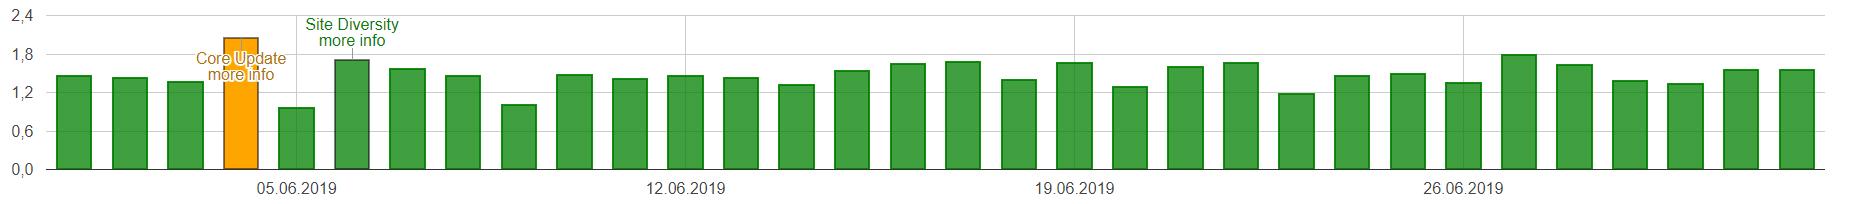 Obrazek: Zmiany w SERP – google.com / mobile – Czerwiec 2019